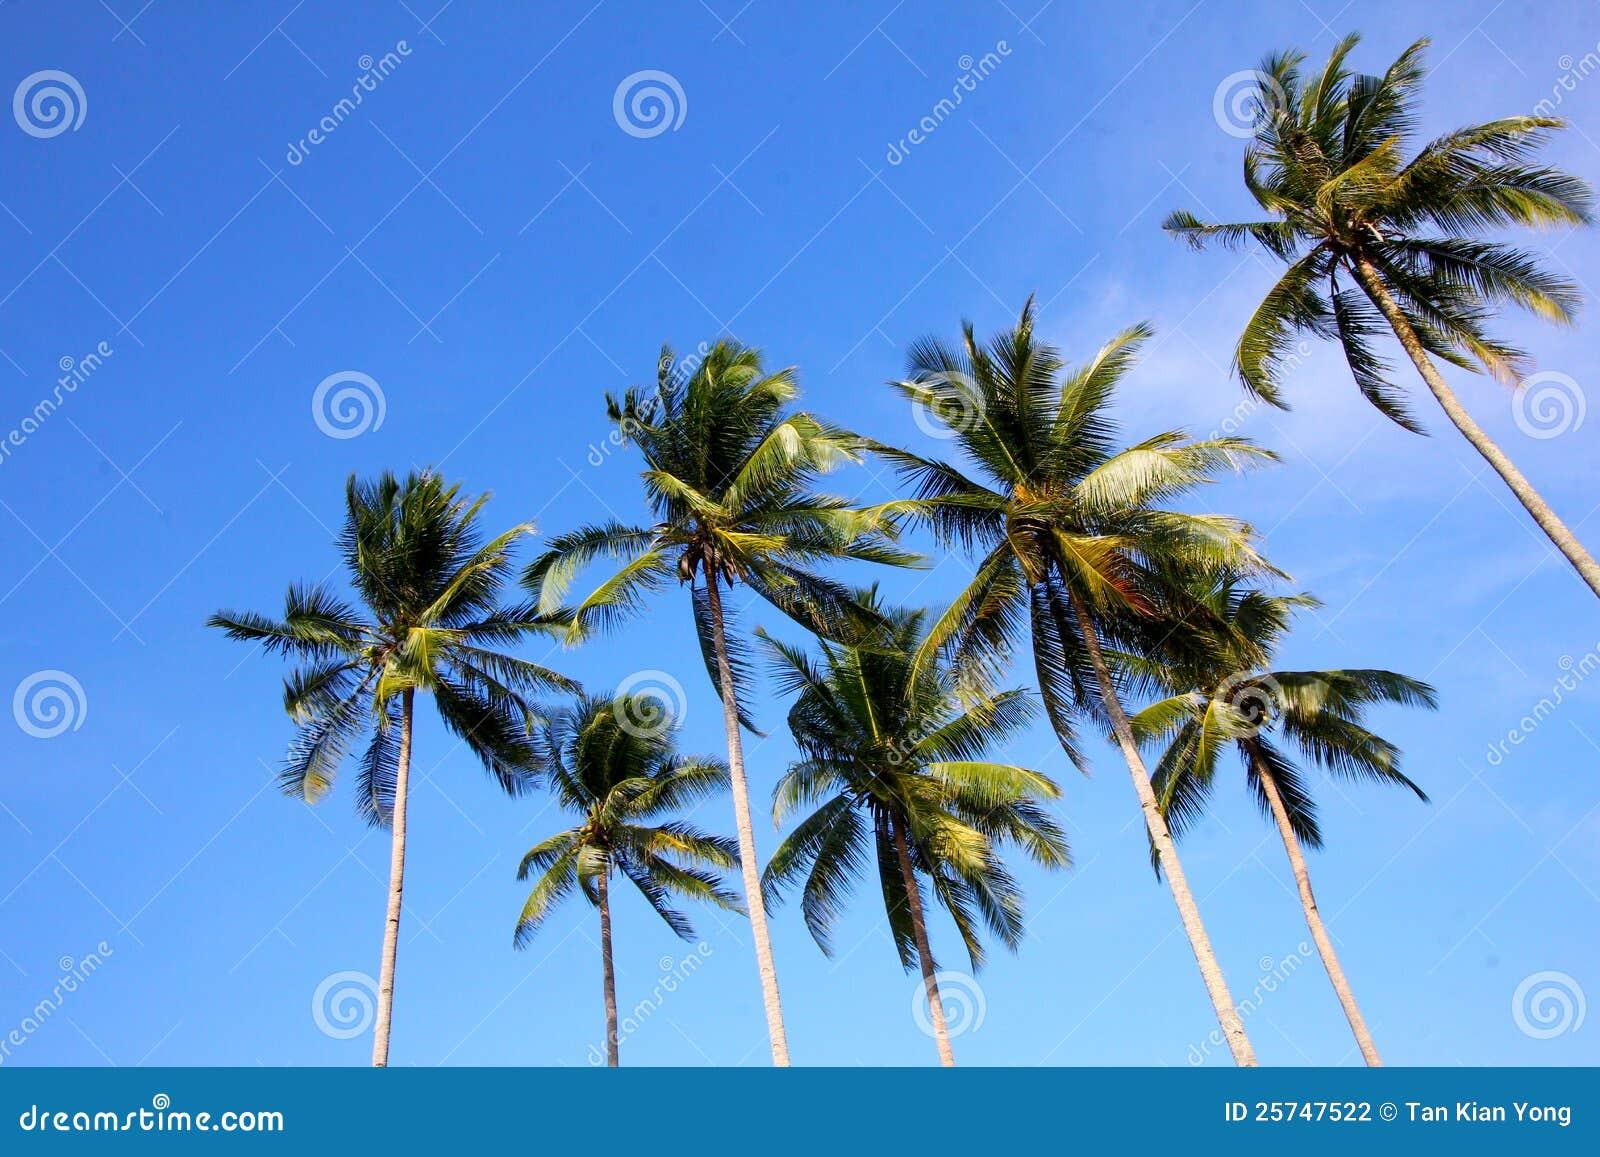 Coconut trees on blue skies